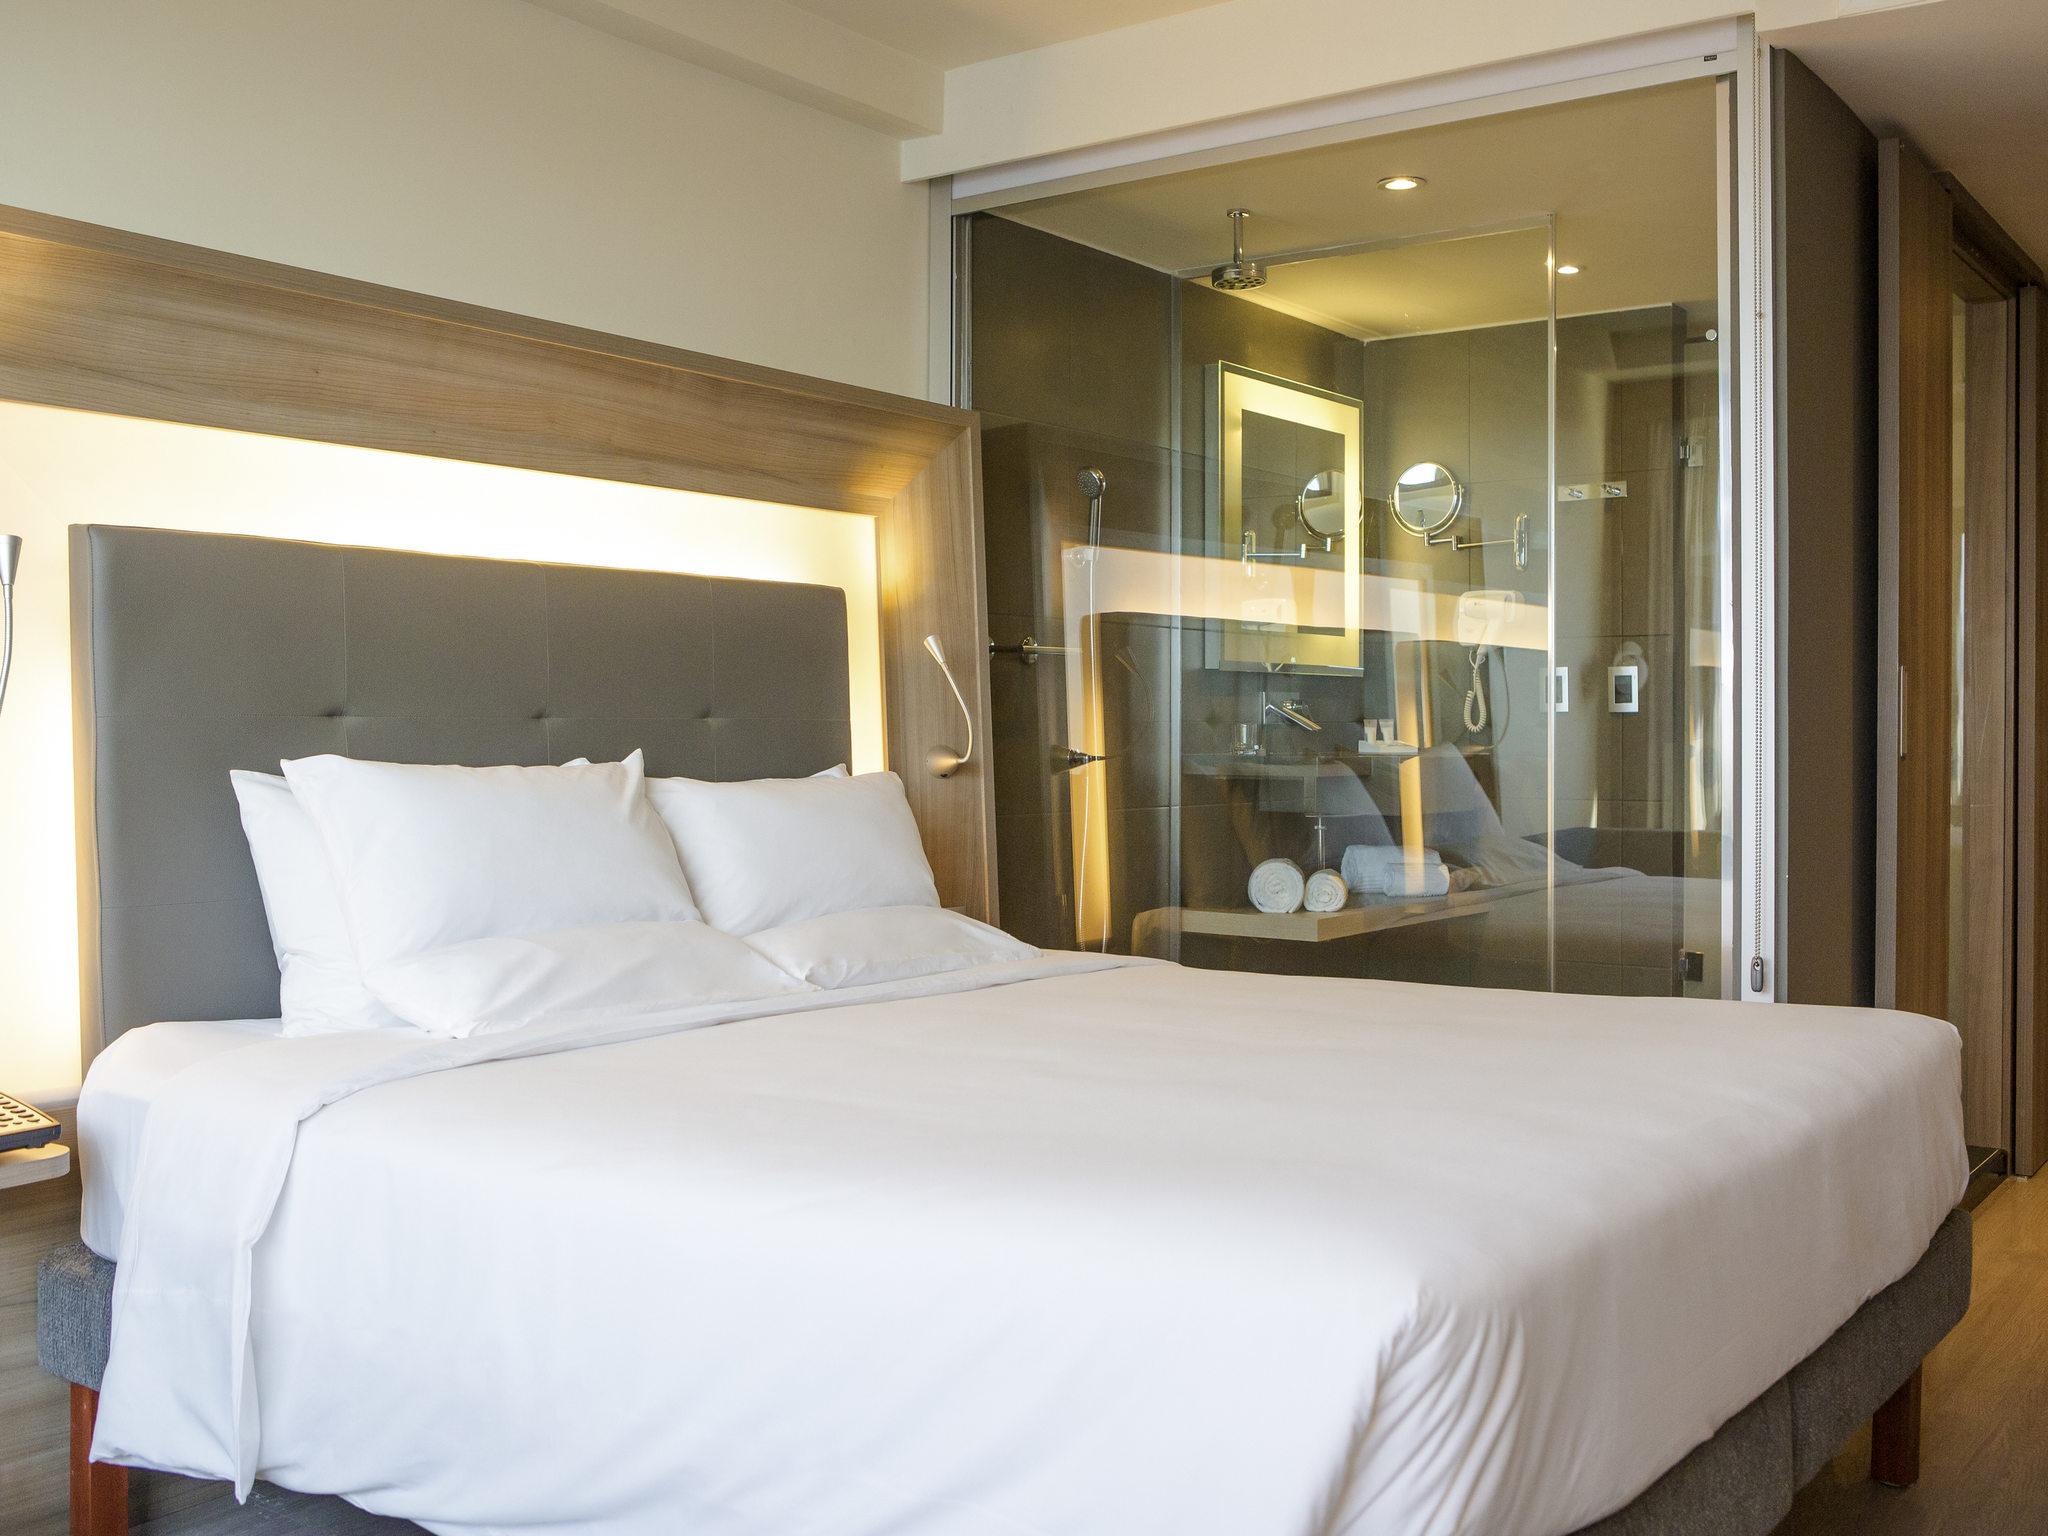 酒店 – 诺富特里约热内卢大西洋港酒店